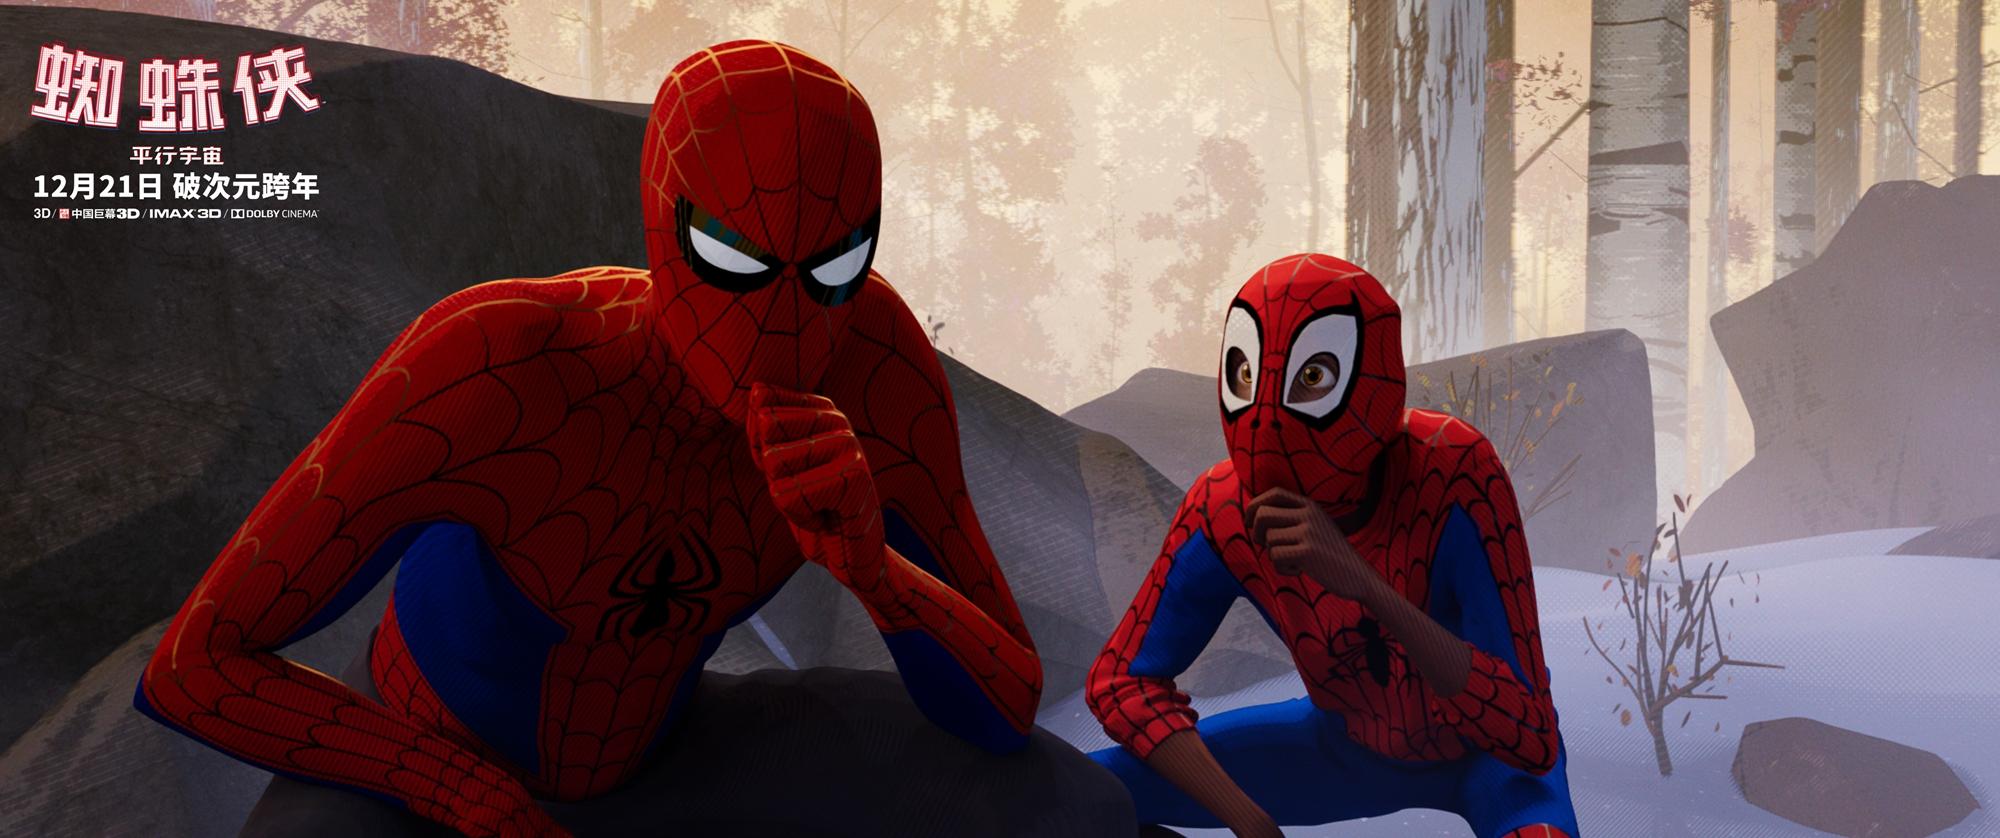 六位蜘蛛俠銀幕首次同框,共同對抗最強反派 1